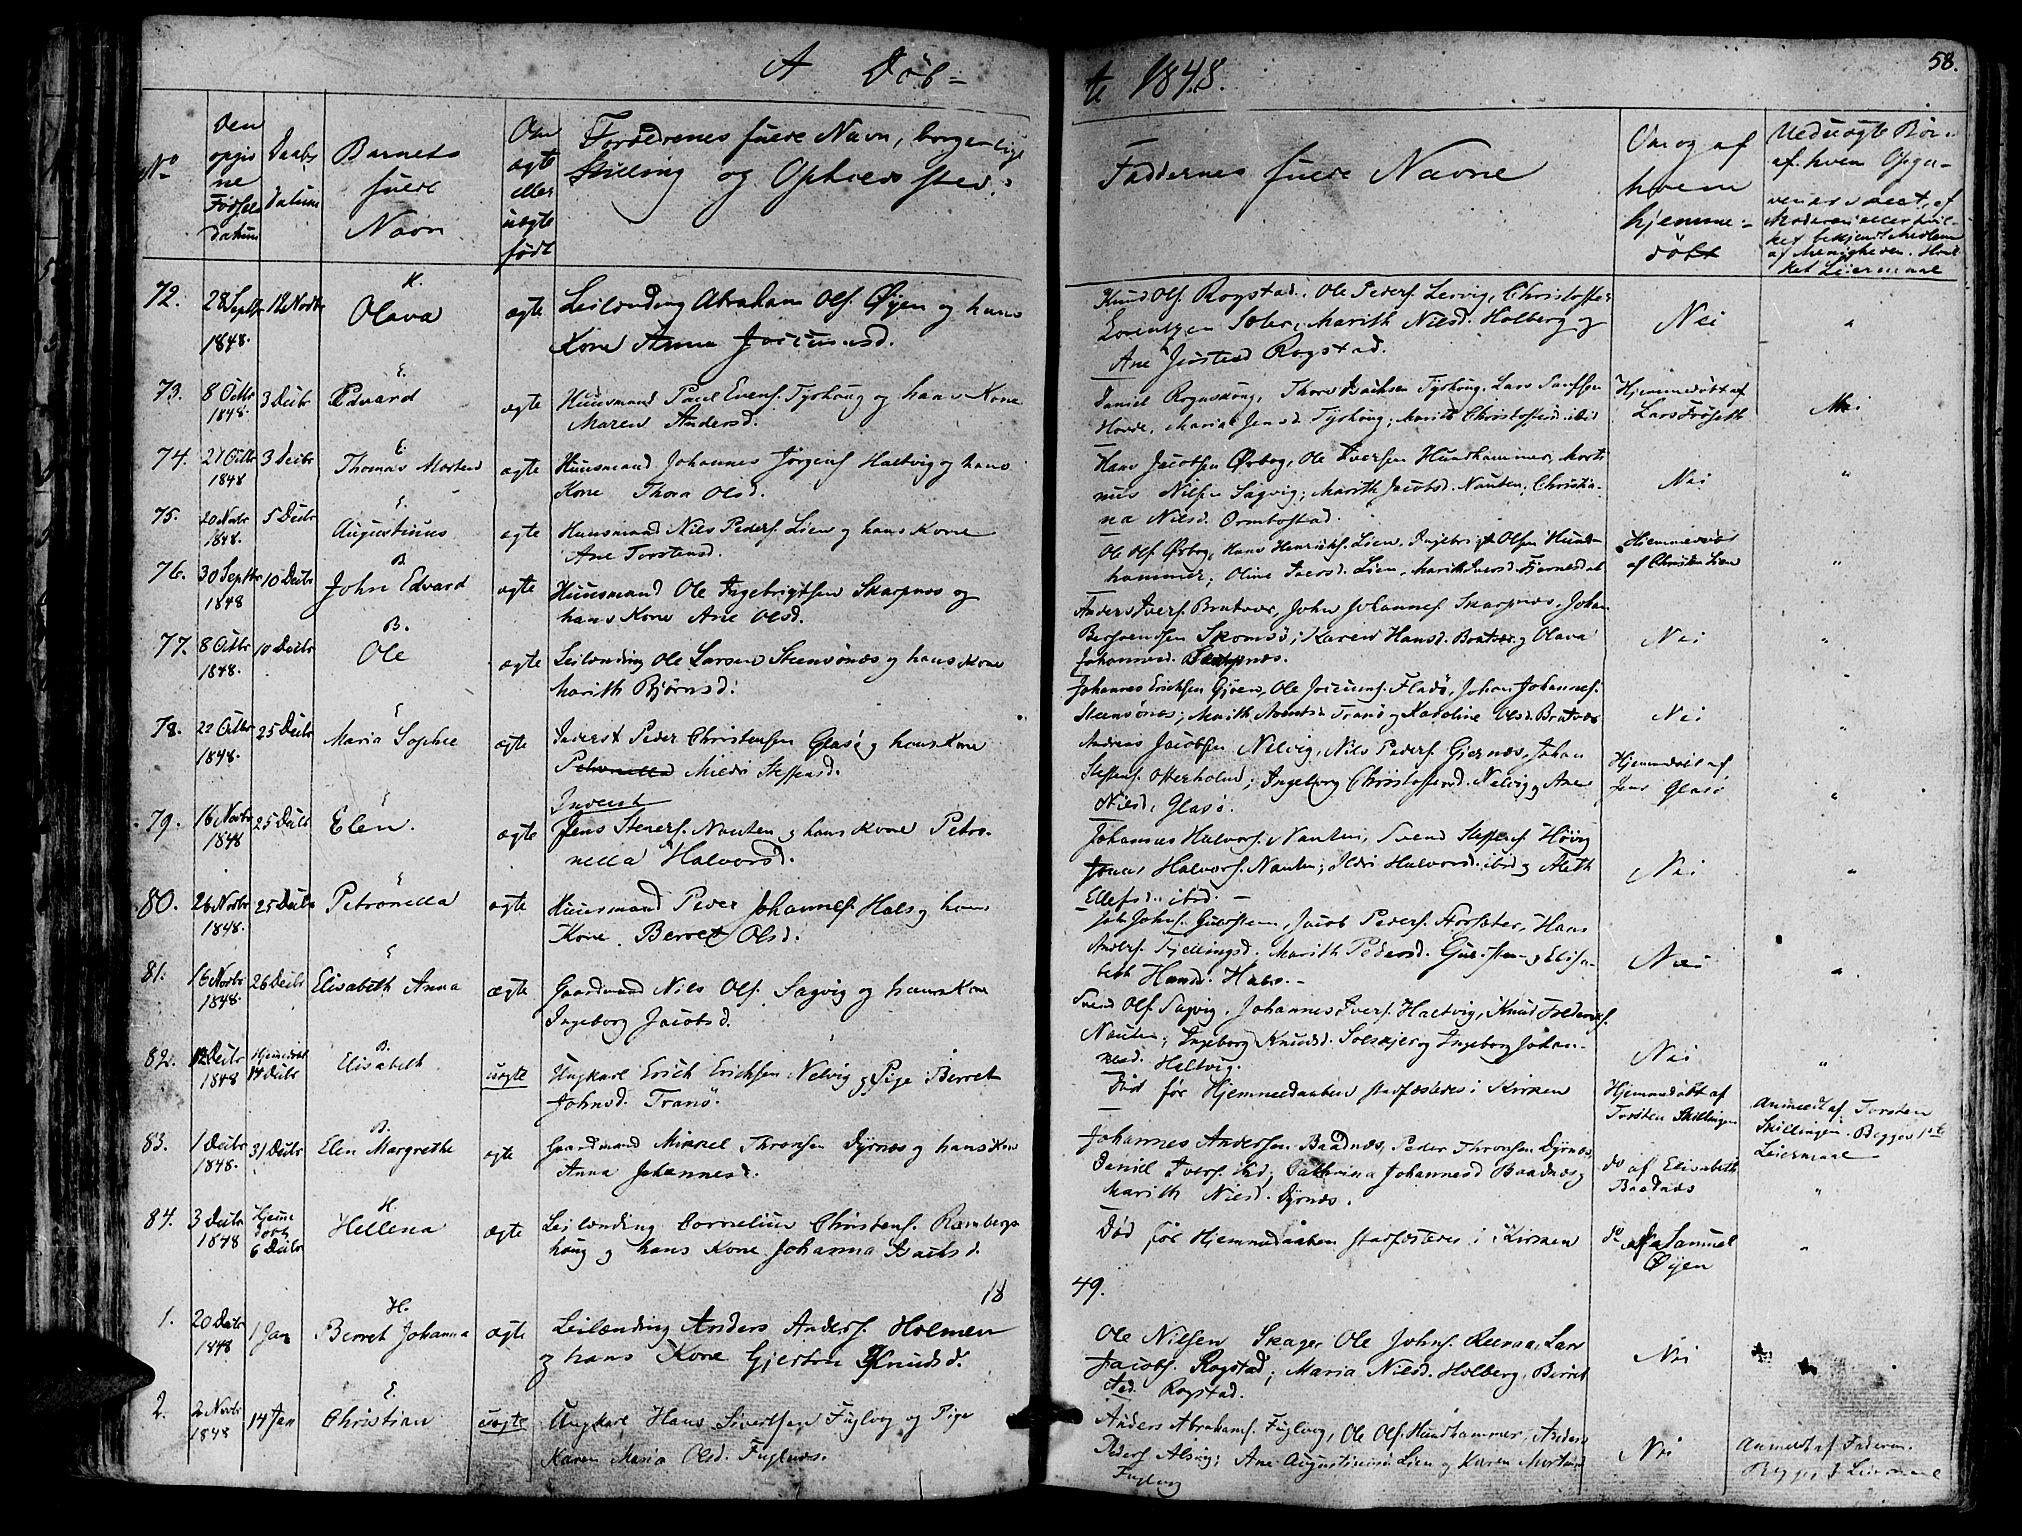 SAT, Ministerialprotokoller, klokkerbøker og fødselsregistre - Møre og Romsdal, 581/L0936: Ministerialbok nr. 581A04, 1836-1852, s. 58